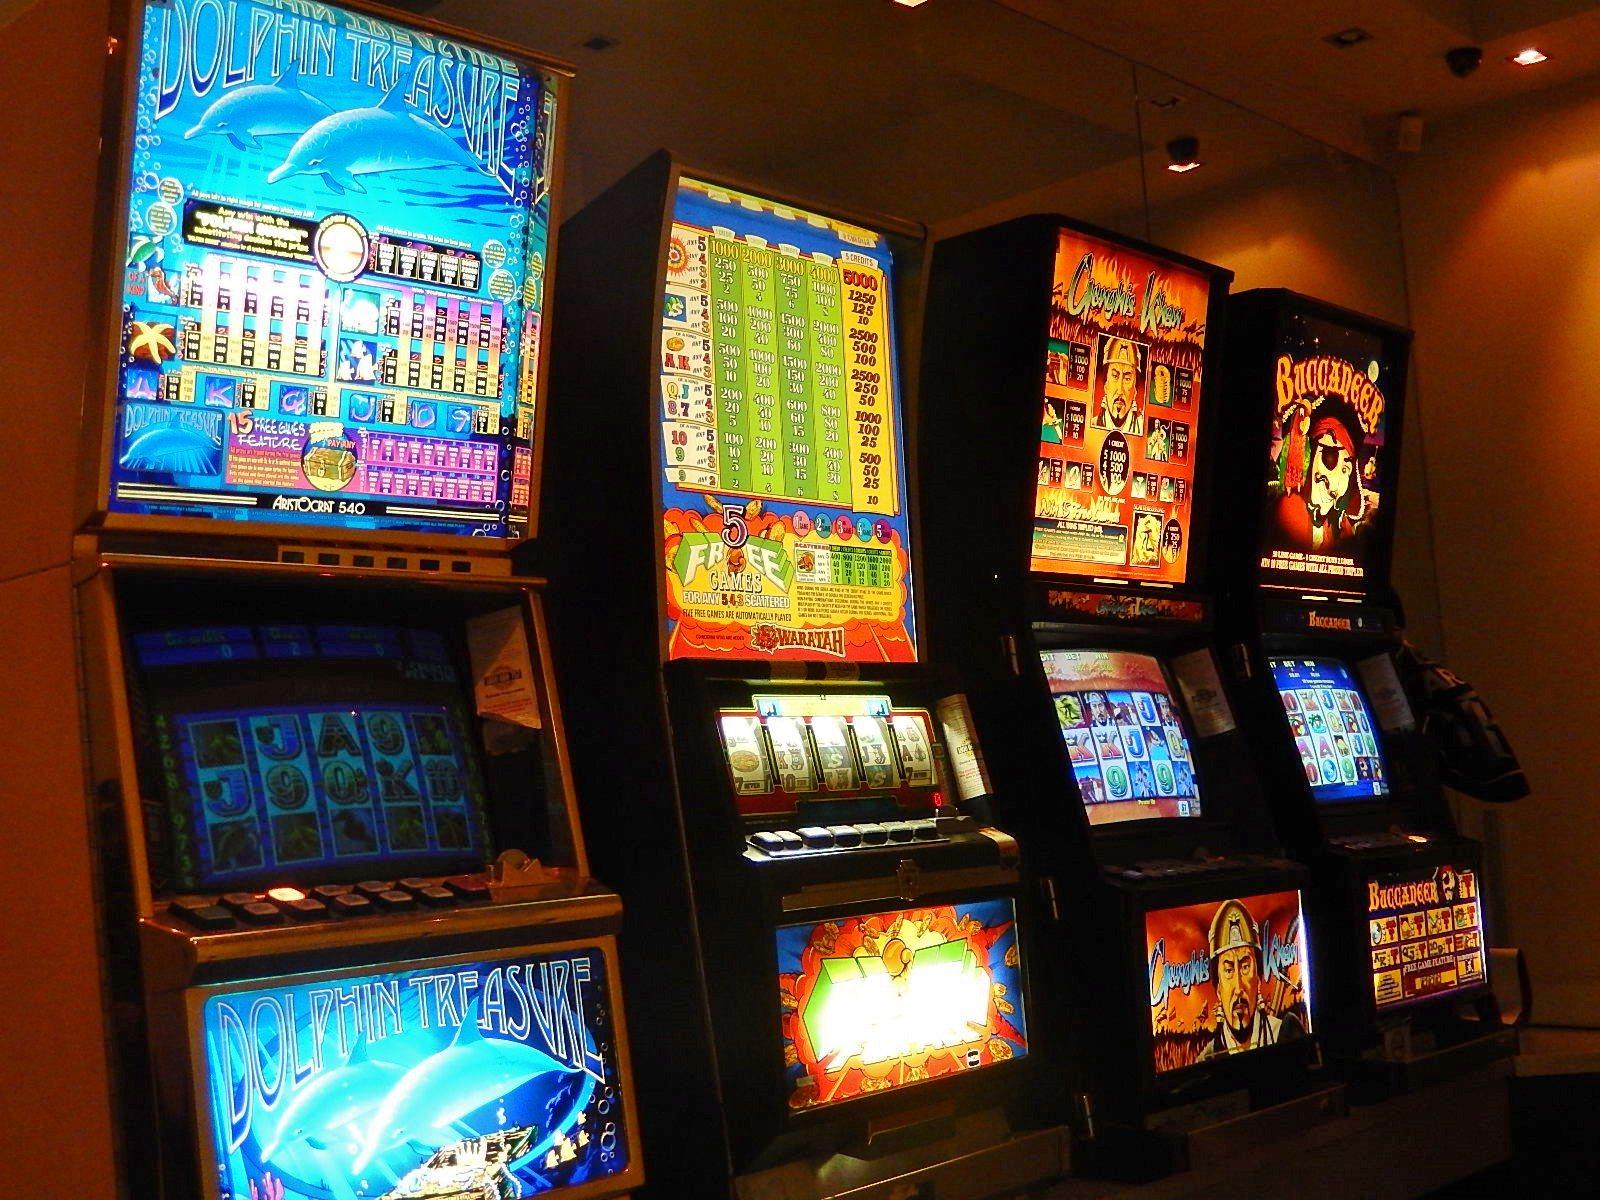 Spielautomaten, Australien, Pokies